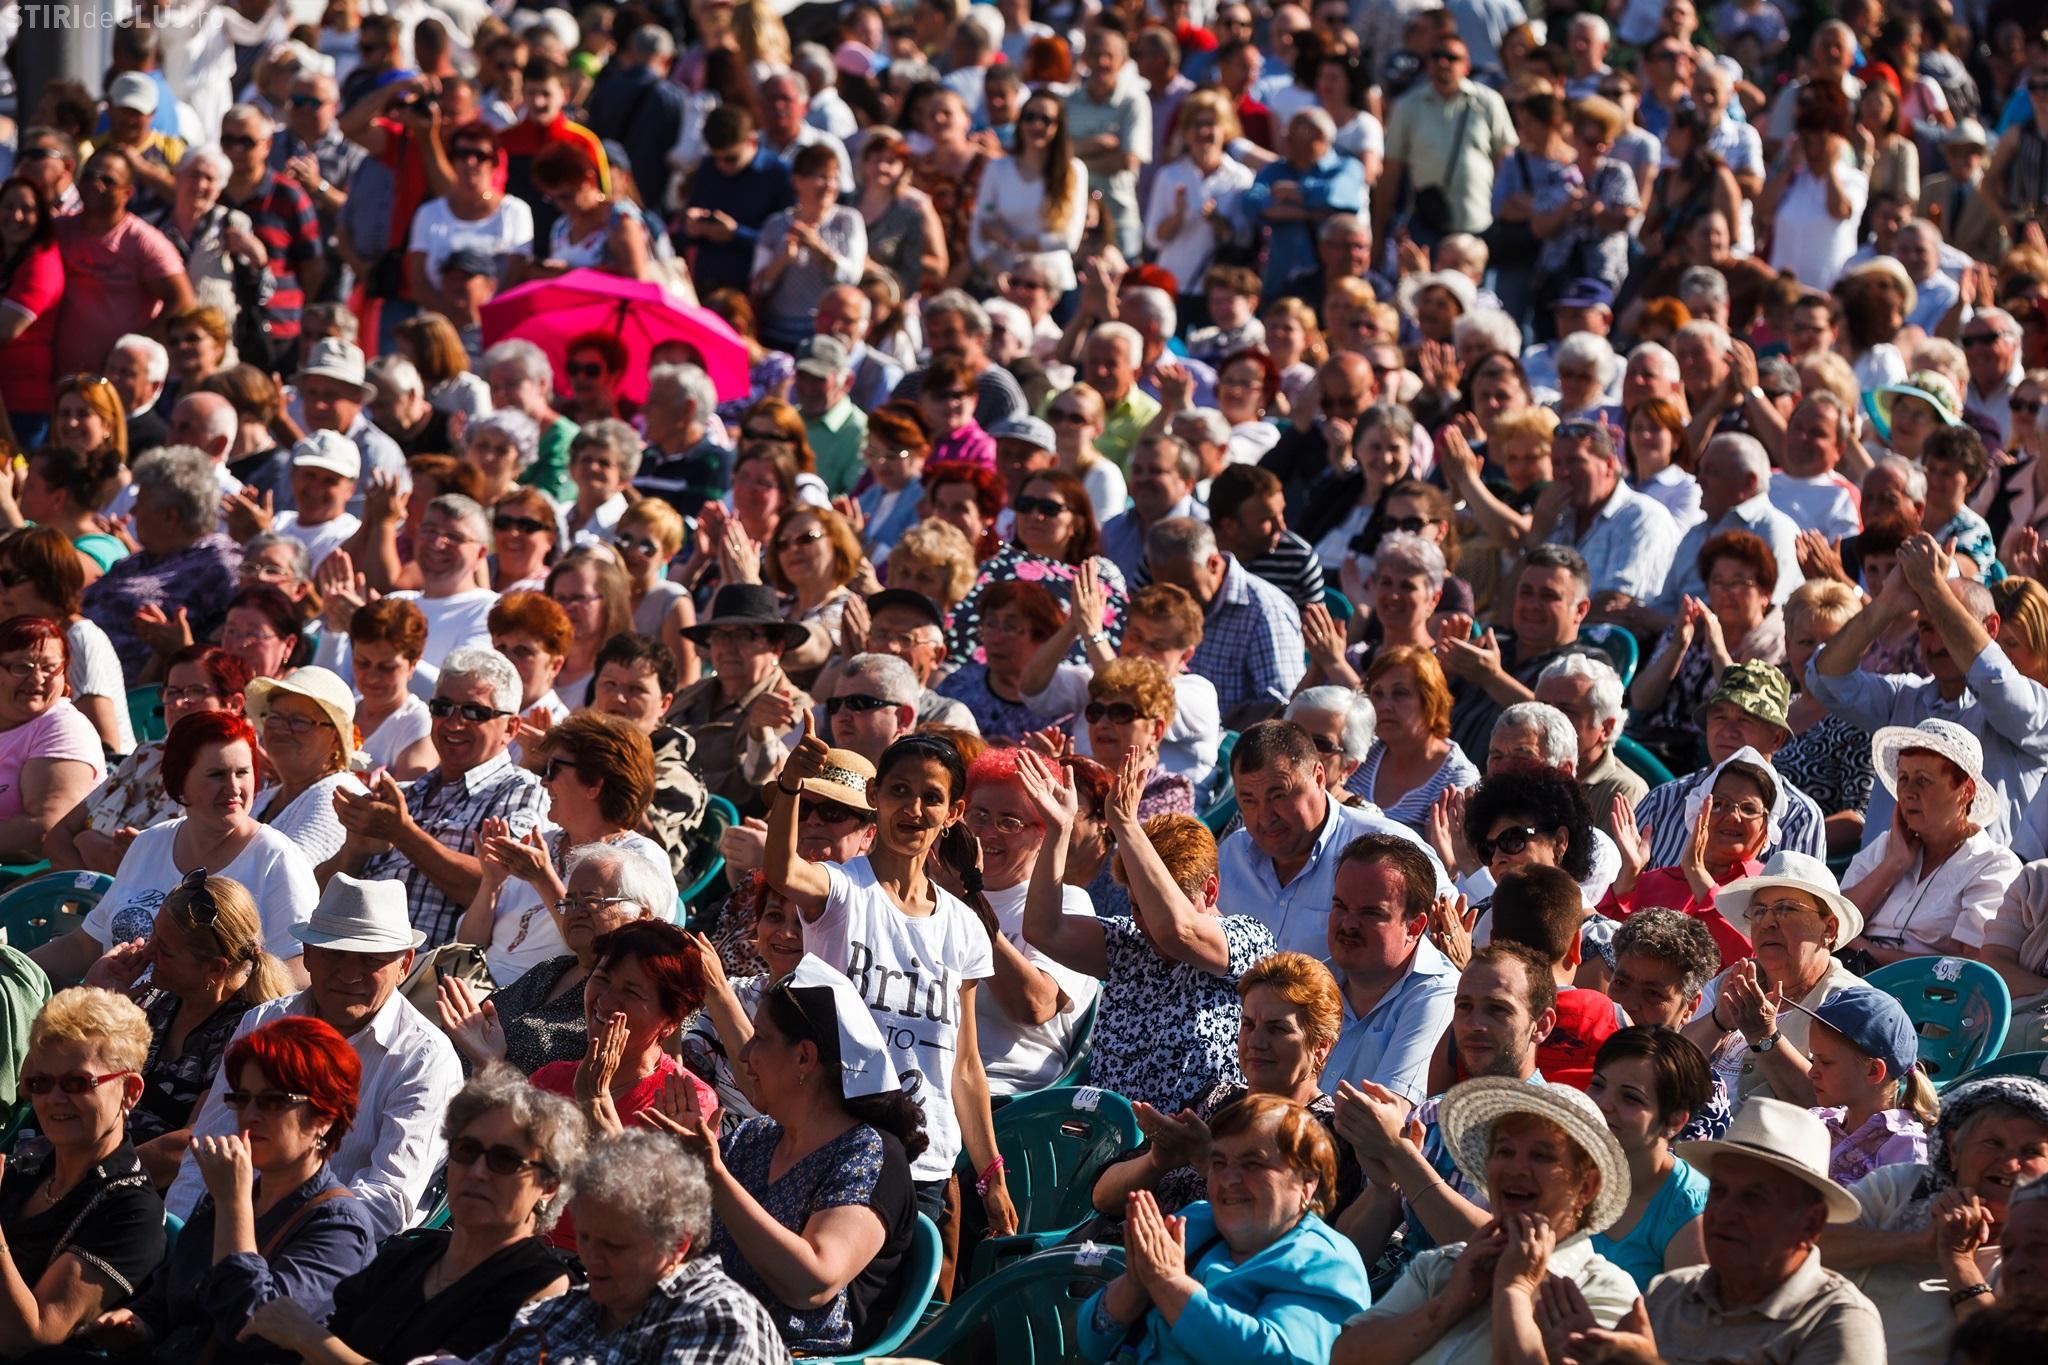 Zilele Clujului 2017: Peste 250.000 de participanți, clujeni și turiști